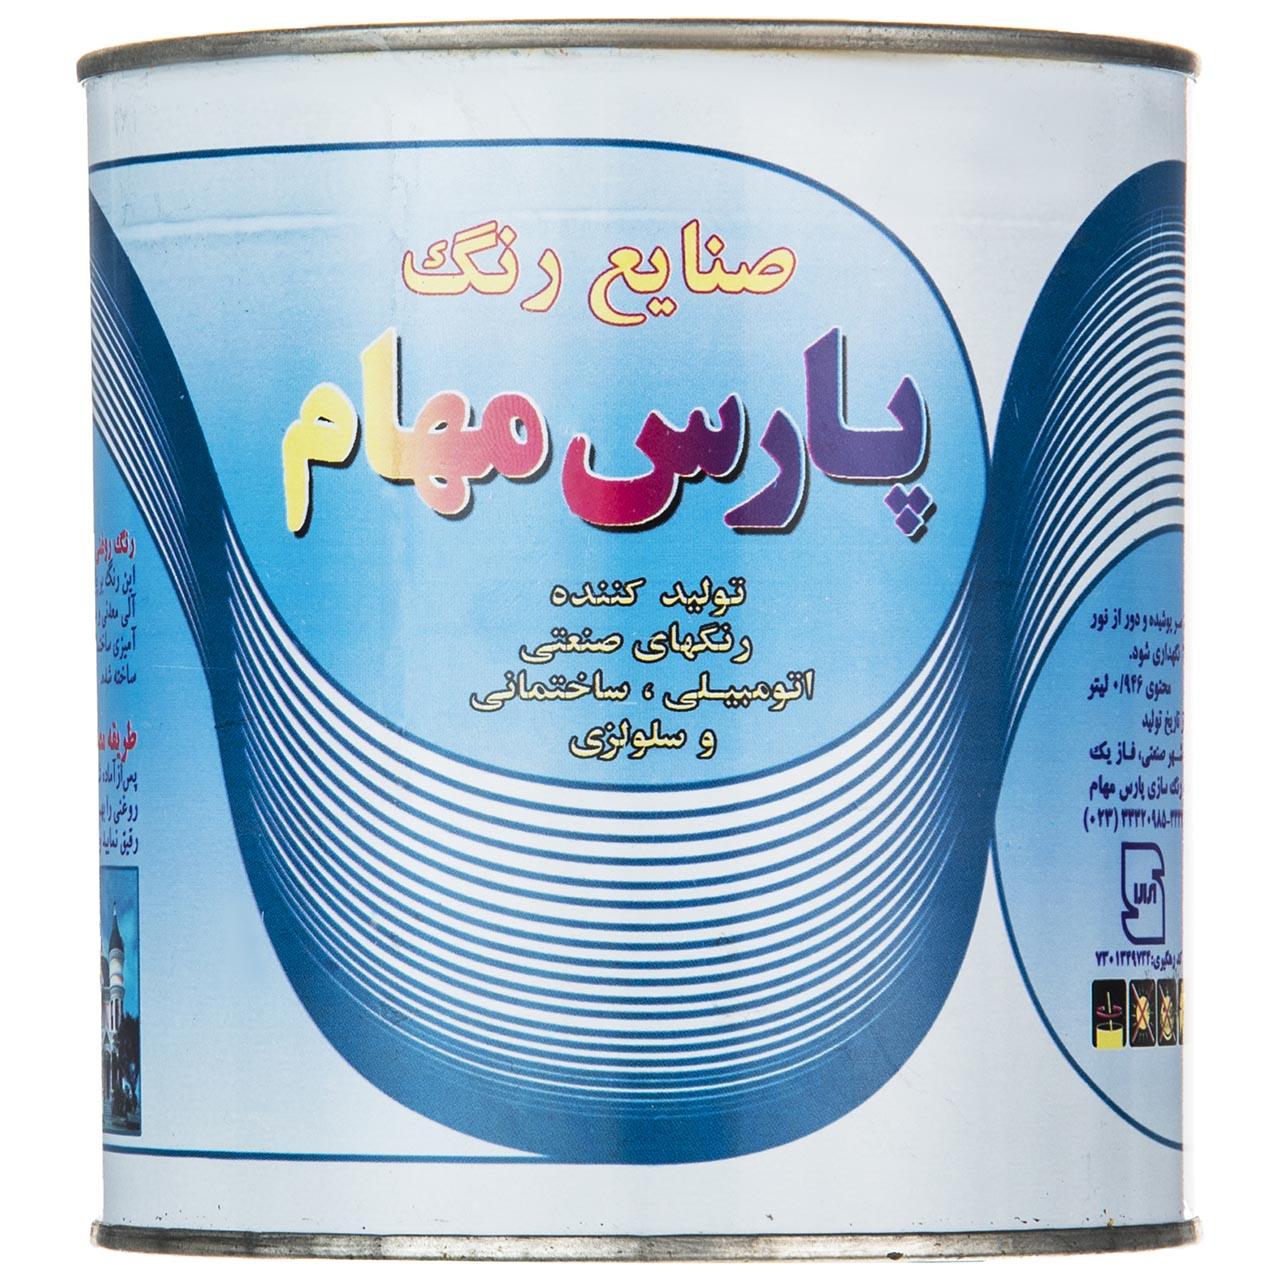 قیمت قوطی رنگ طوسی روشن براق پارس مهام کد 701 حجم 946 میلی لیتر